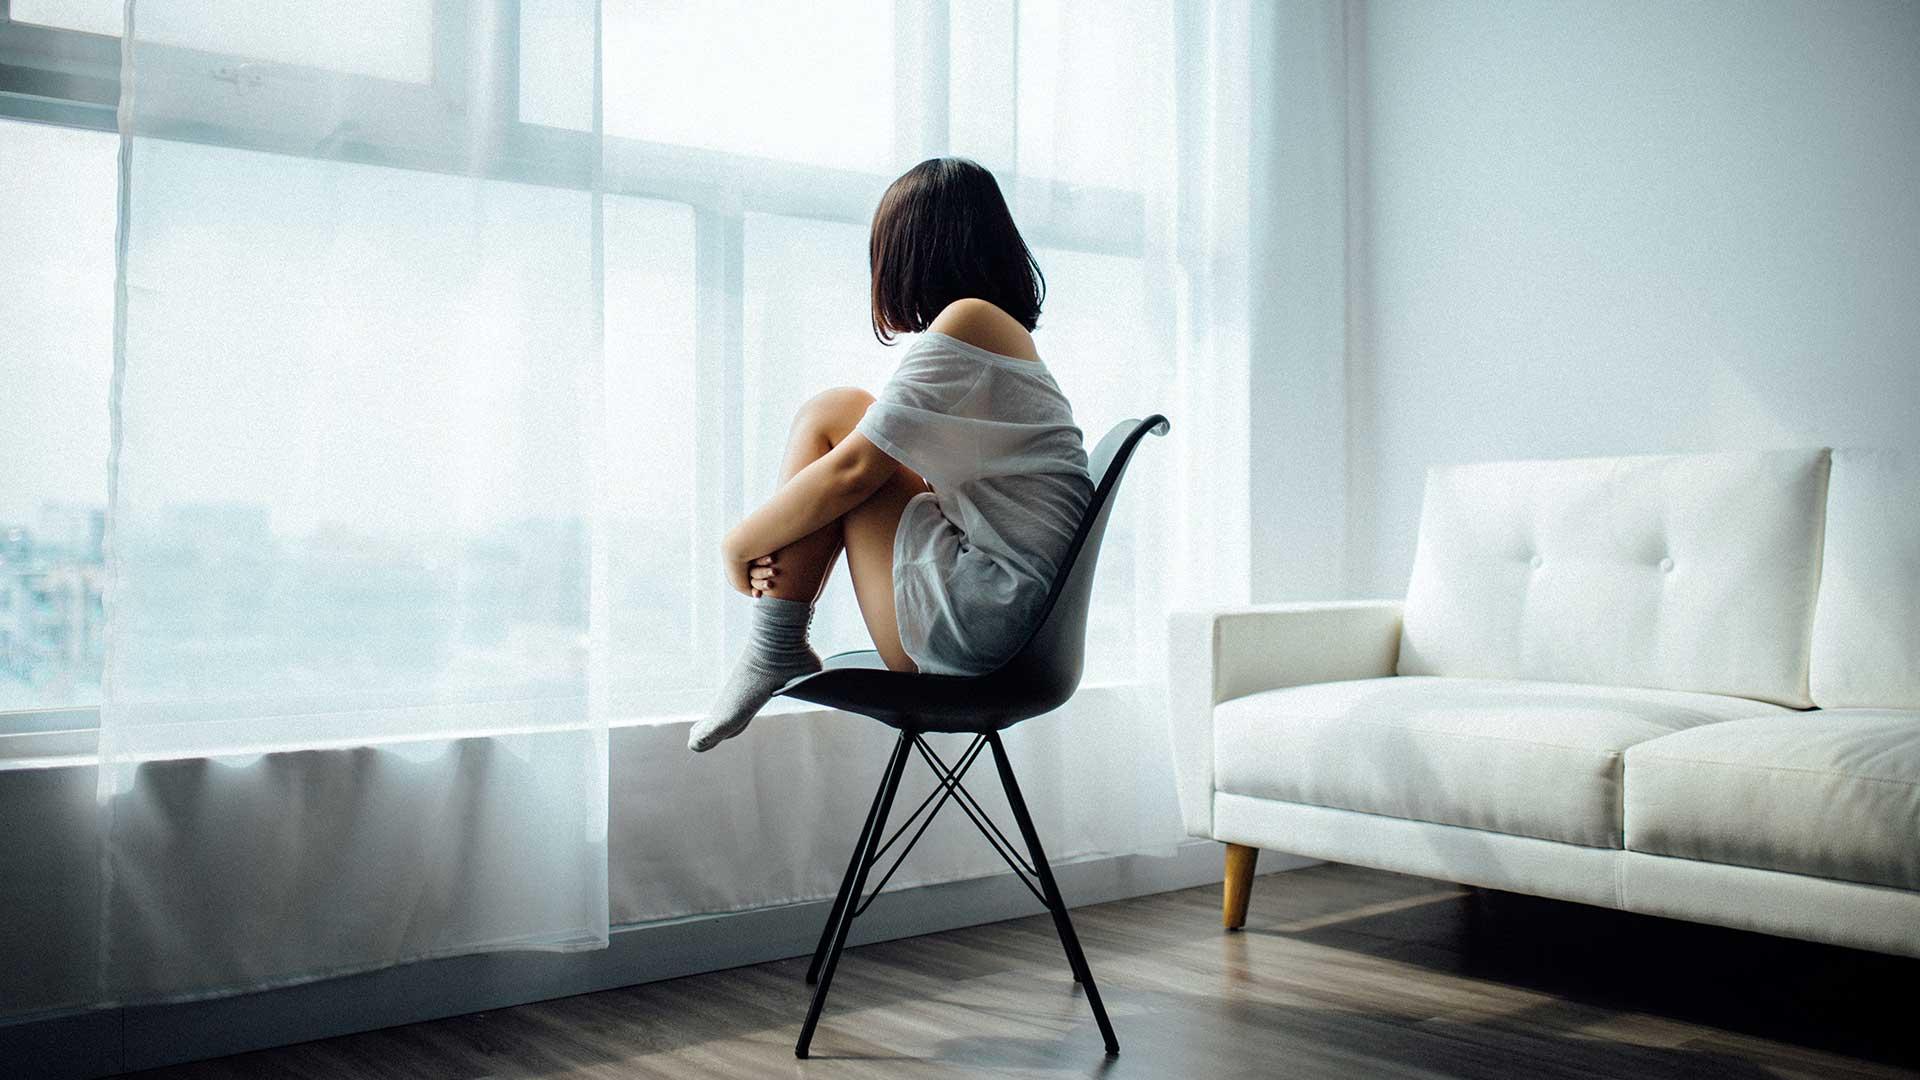 Eine Frau sitzt mit angezogenen Beinen alleine in einem Raum auf einem Stuhl und schaut aus dem Fenster.